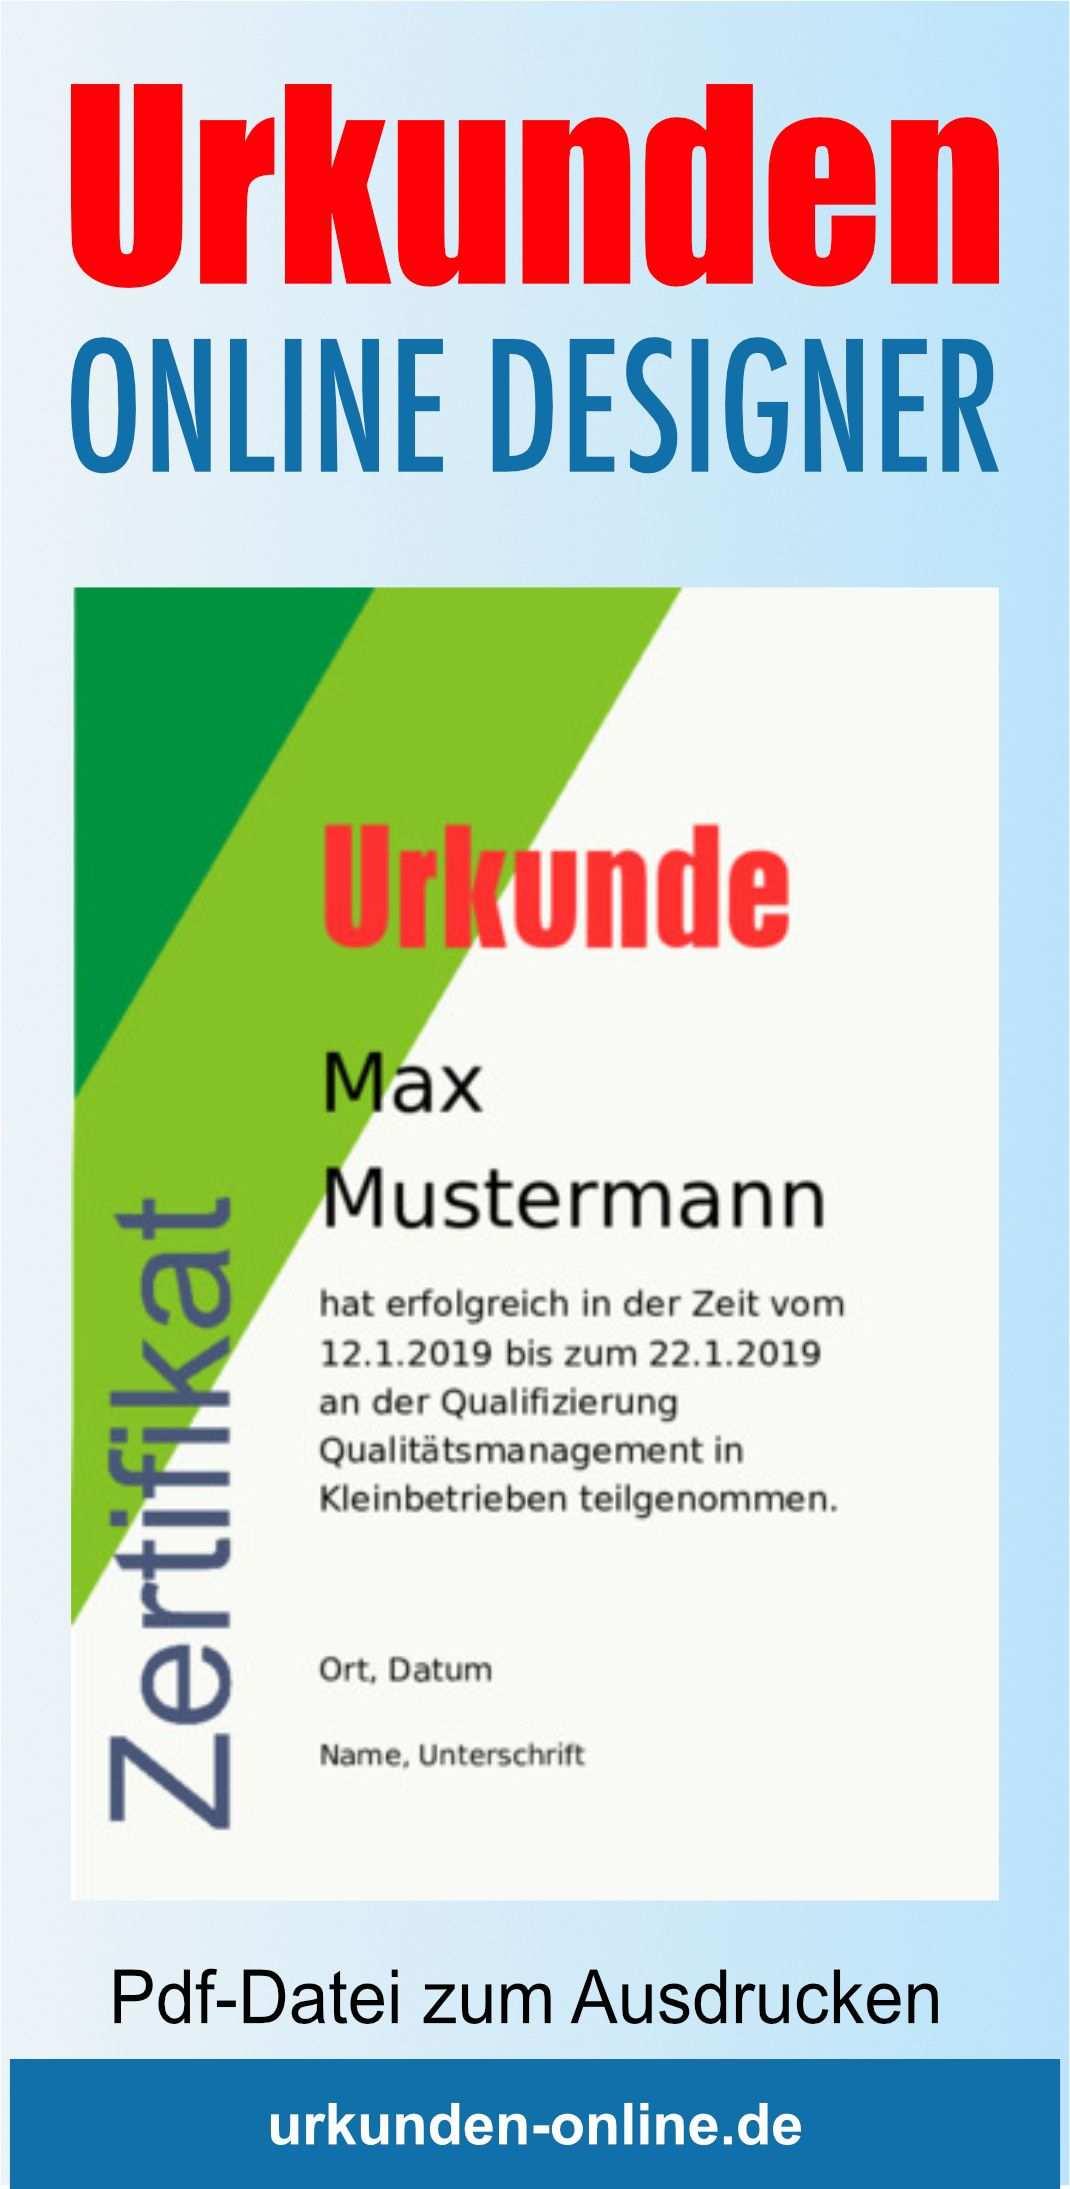 Professionelle Teilnahme Urkunden Online Gestalten Und Drucken Urkunde Urkunden Selbst Gestalten Gestalten